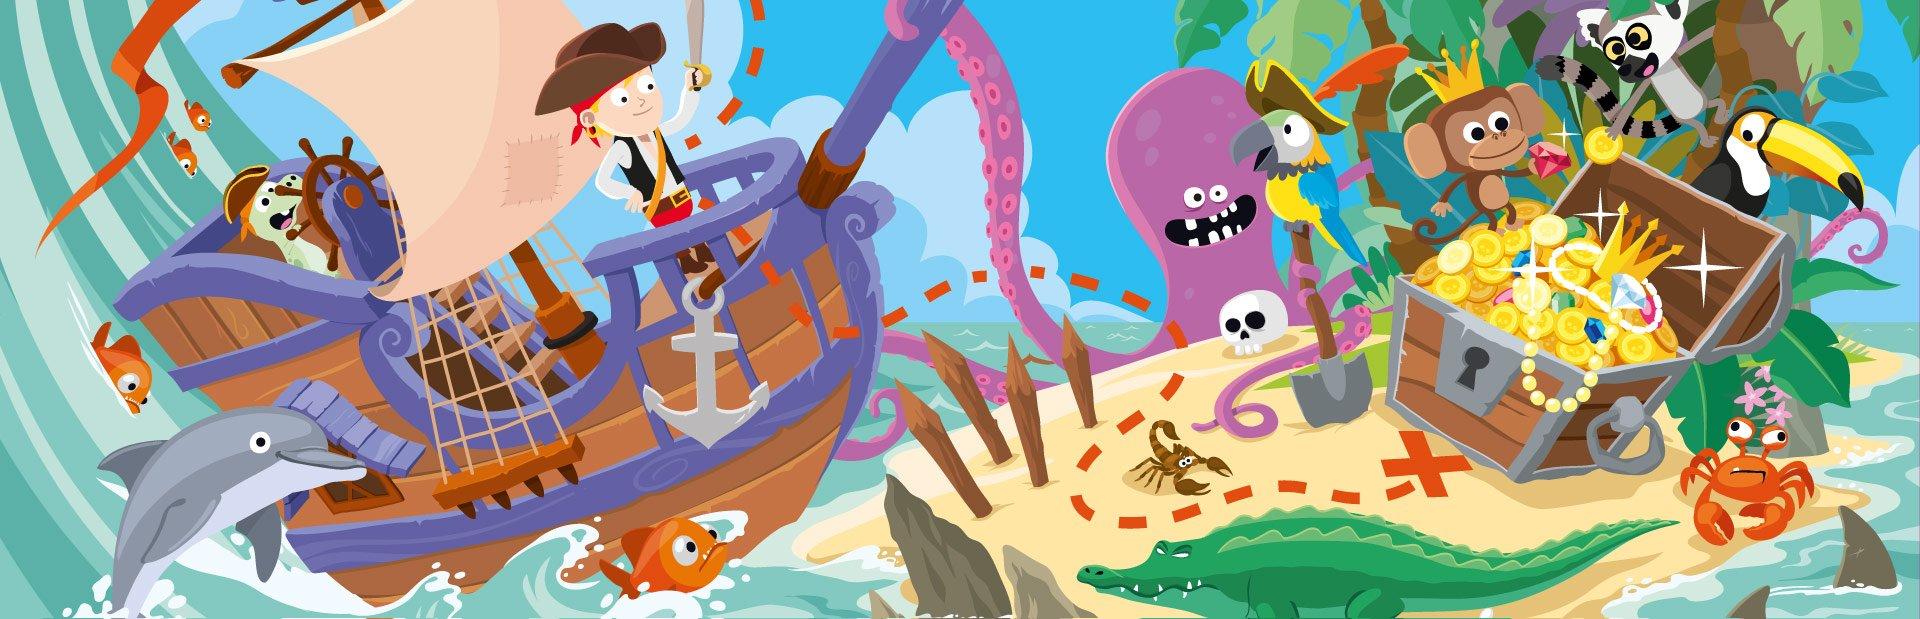 illustration pour enfants sur le thème de l'île au trésor extraite d'un livre jeunesse numérique édité par Magify